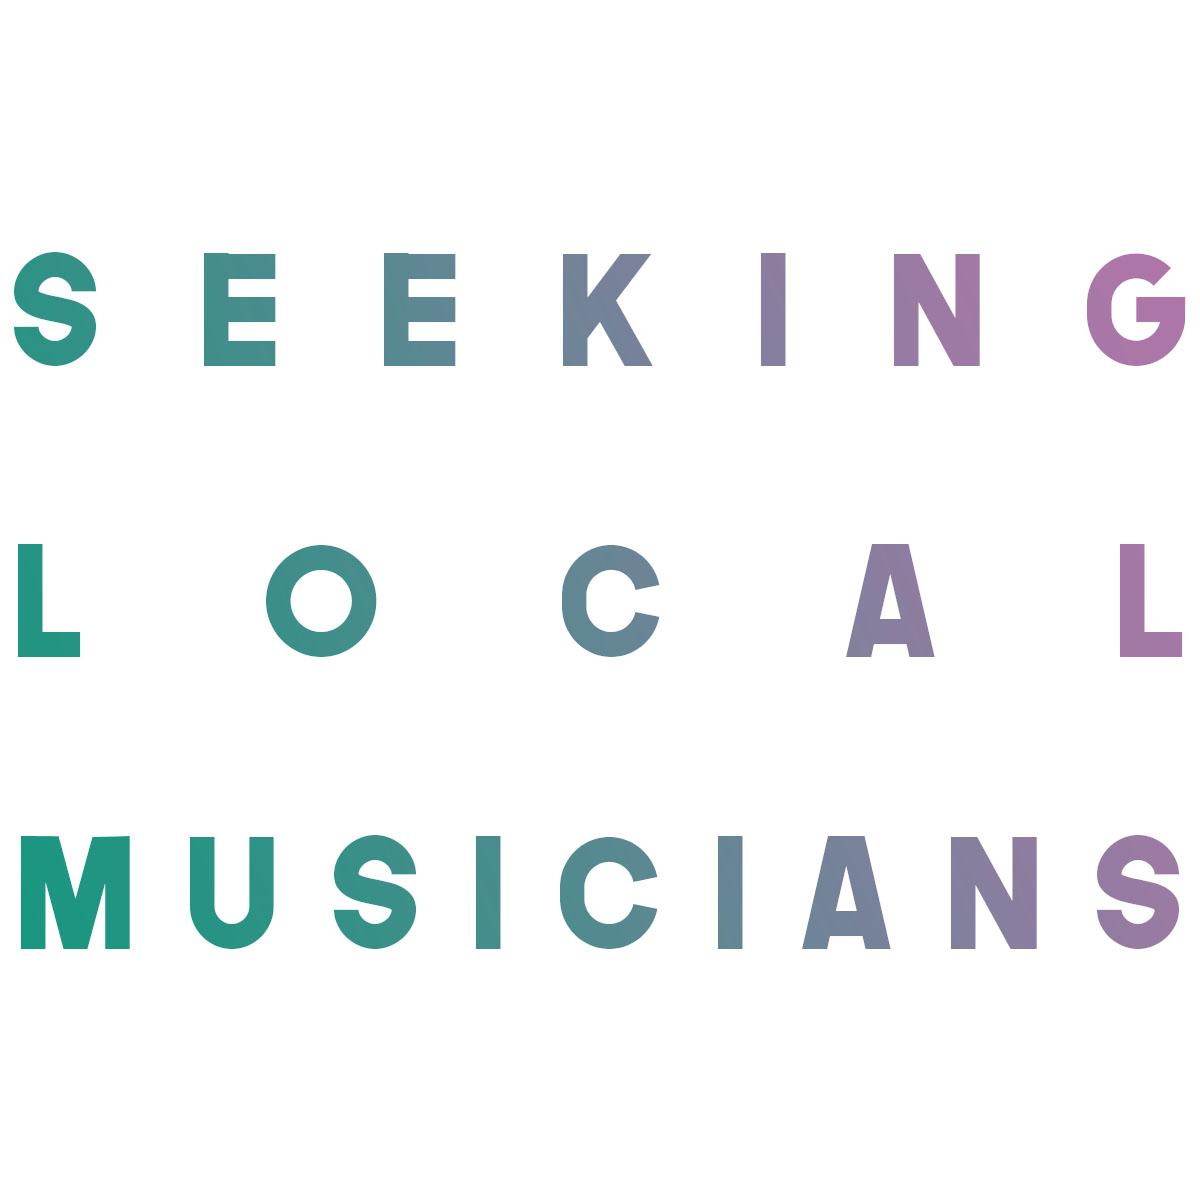 Seeking Musicians.jpg